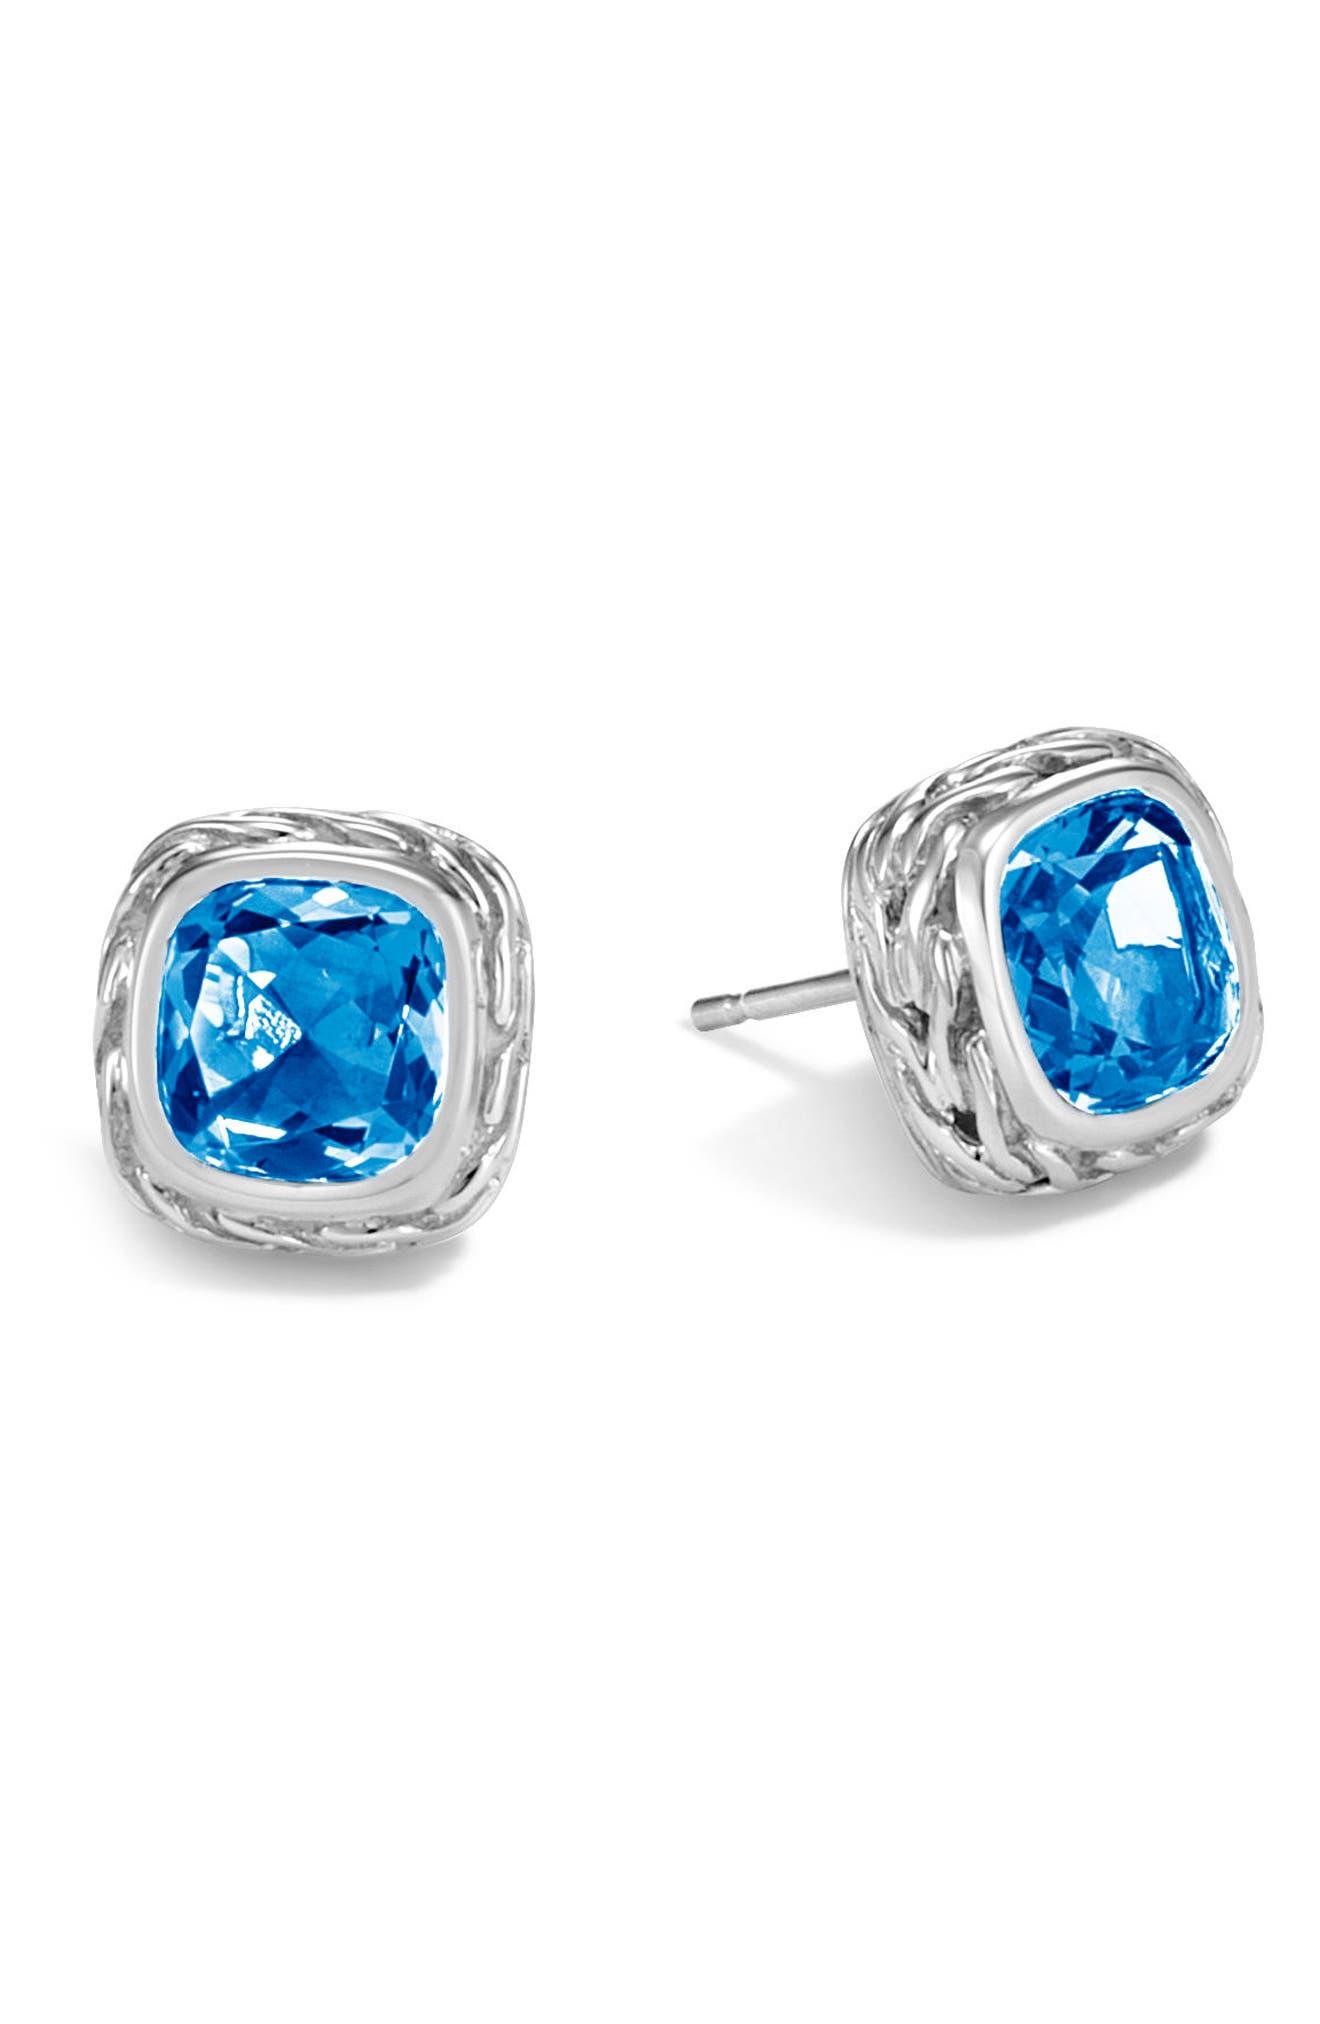 Magic Cut Blue Topaz Stud Earrings,                         Main,                         color, 040